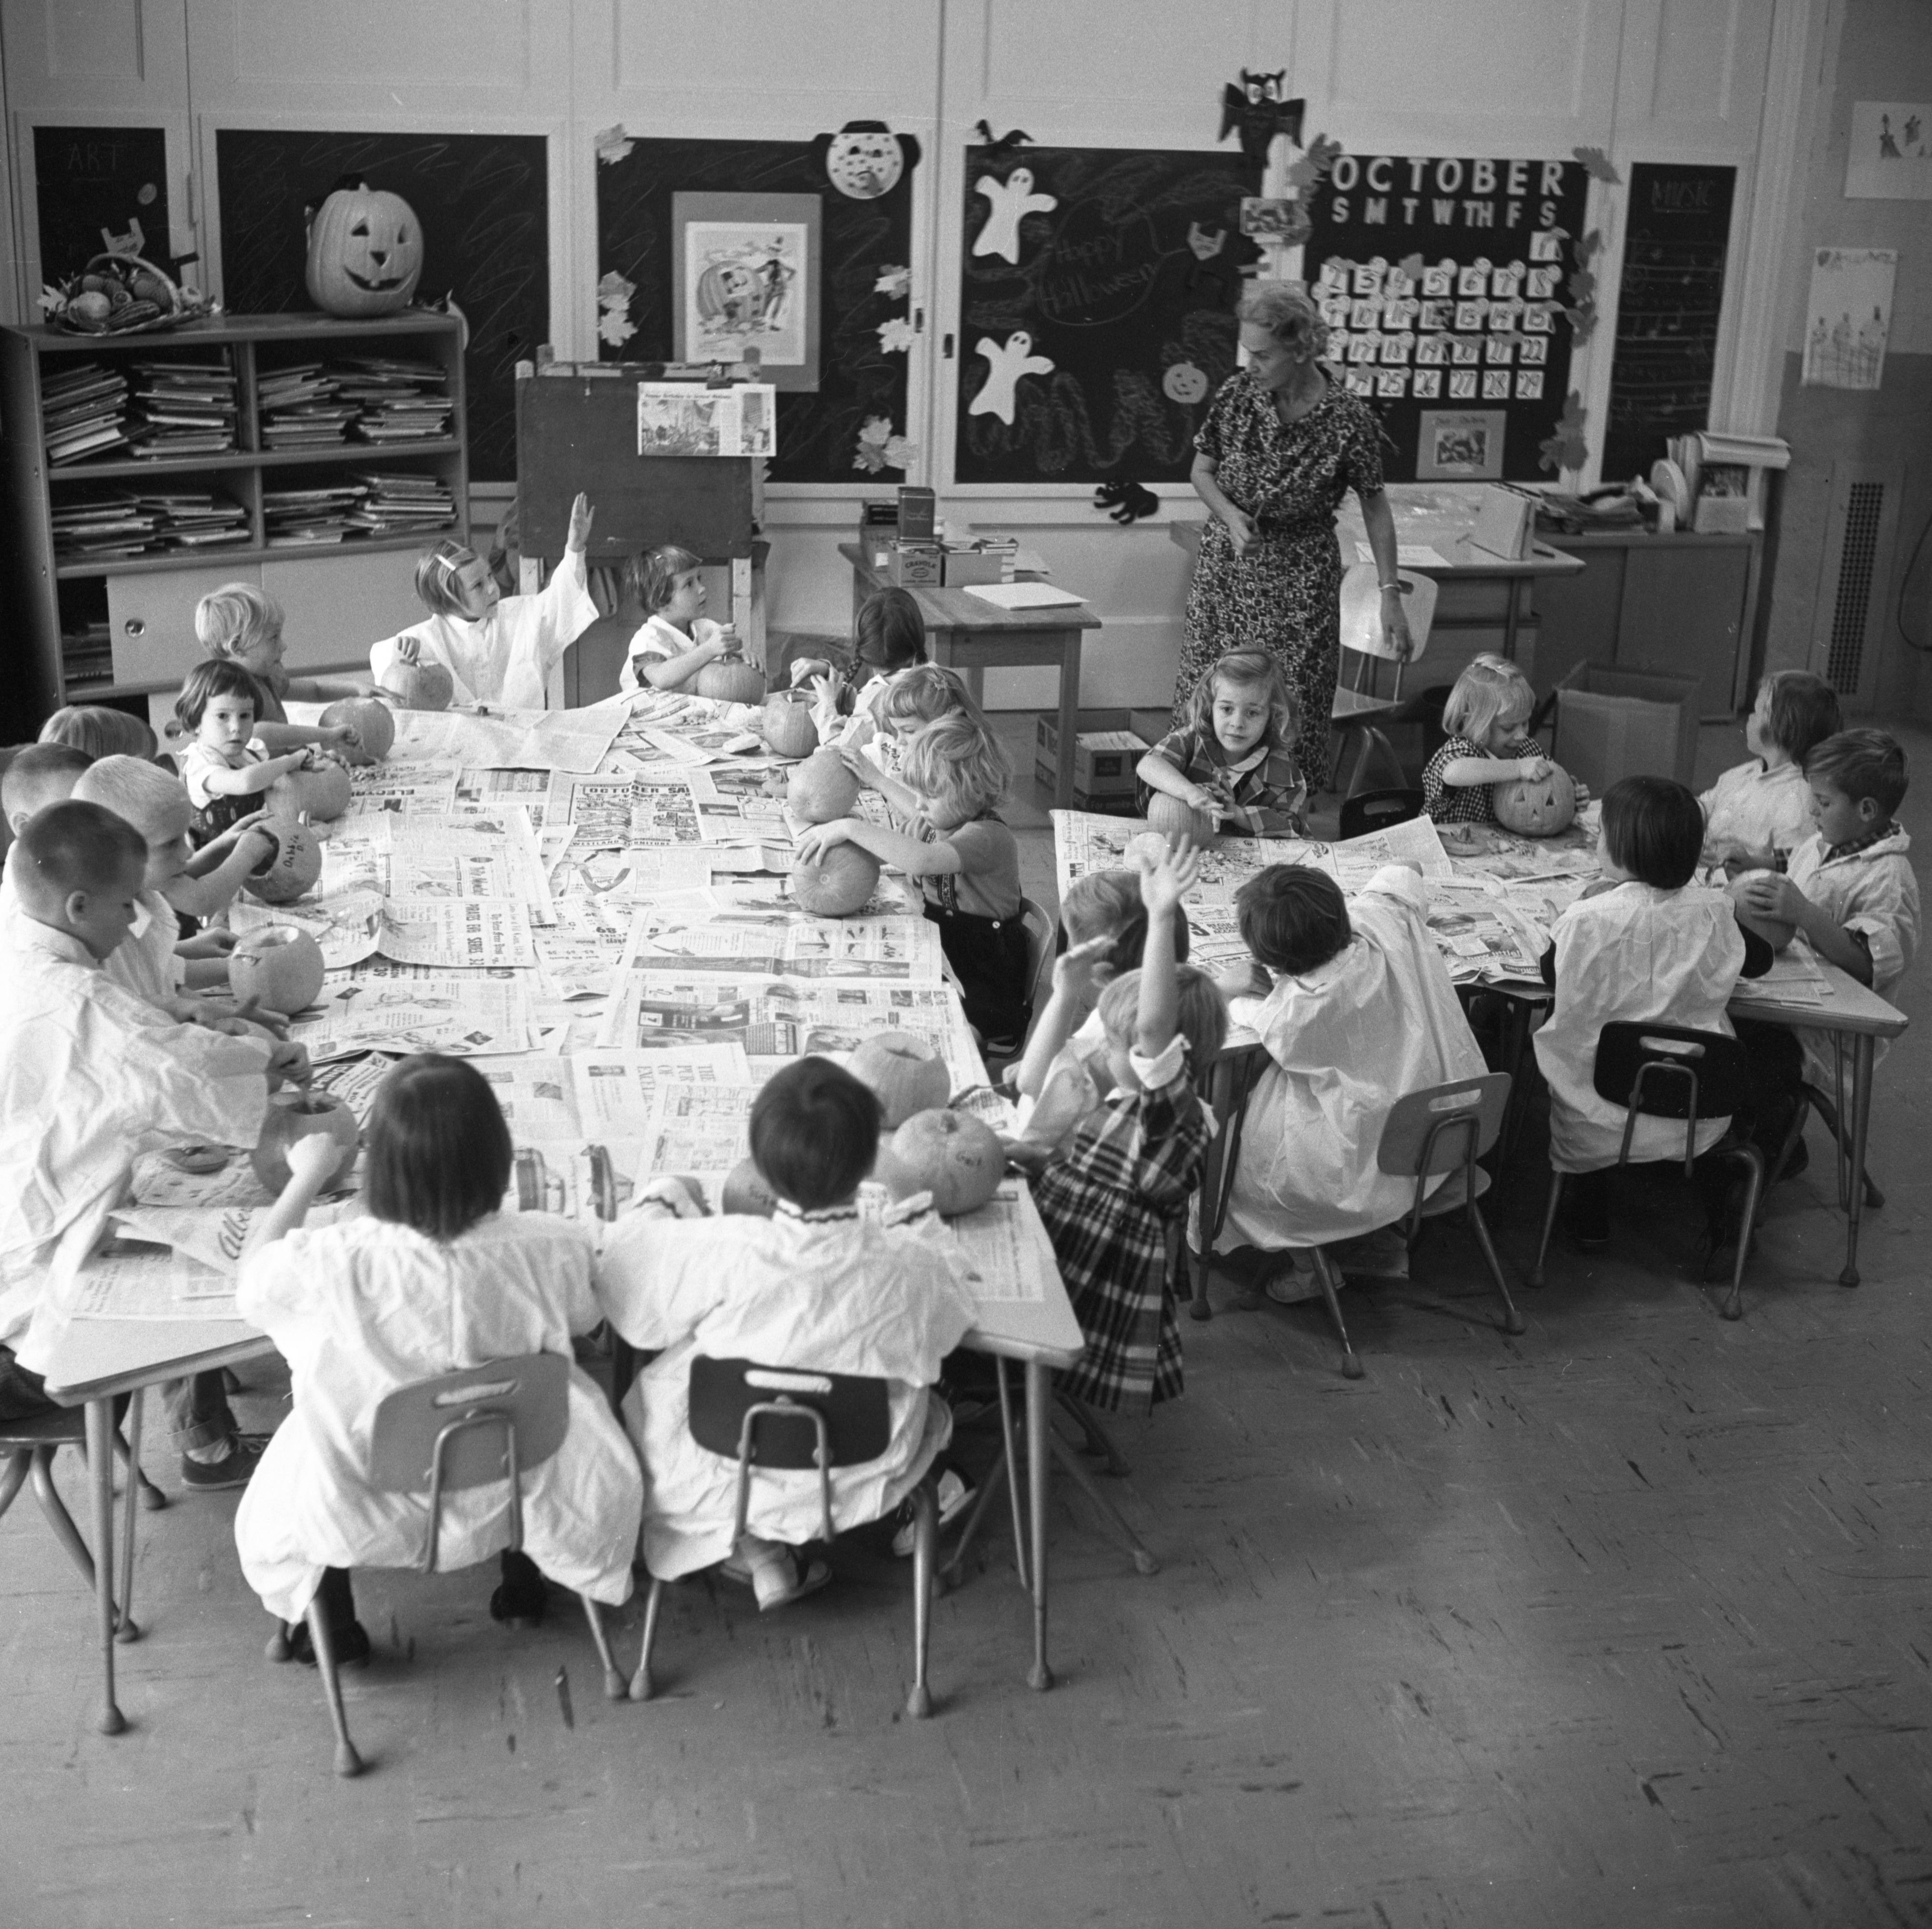 Pittsfield School Children Prepare Halloween Pumpkins, October 1960 image